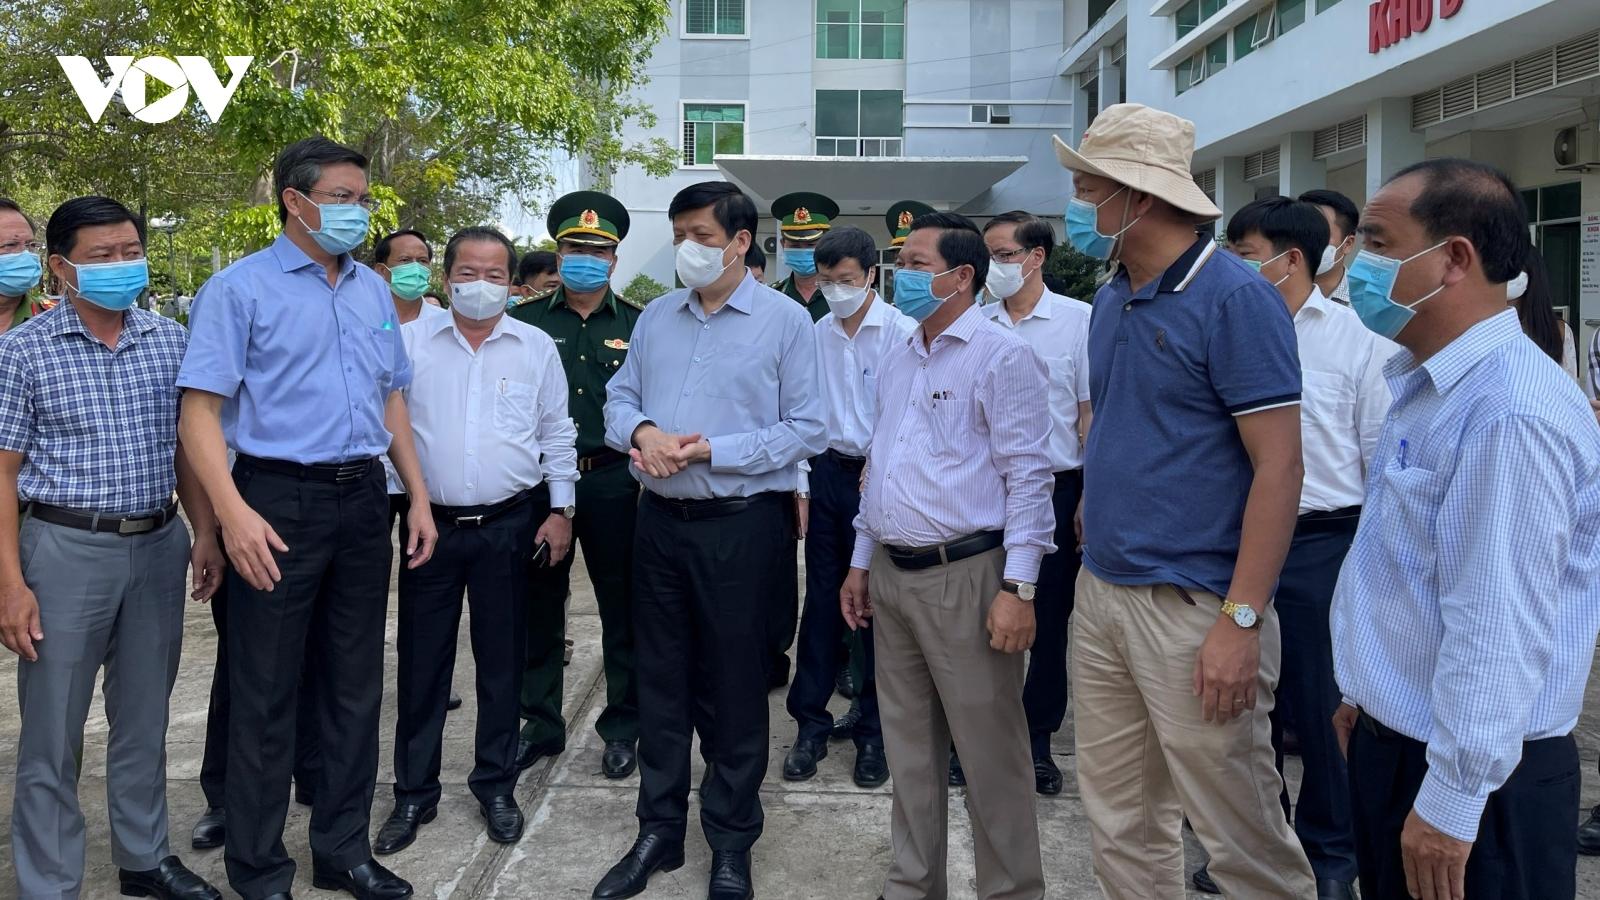 Bộ trưởng Bộ Y tế kiểm tra công tác chống dịch Covid-19 tại tuyến biên giới Hà Tiên